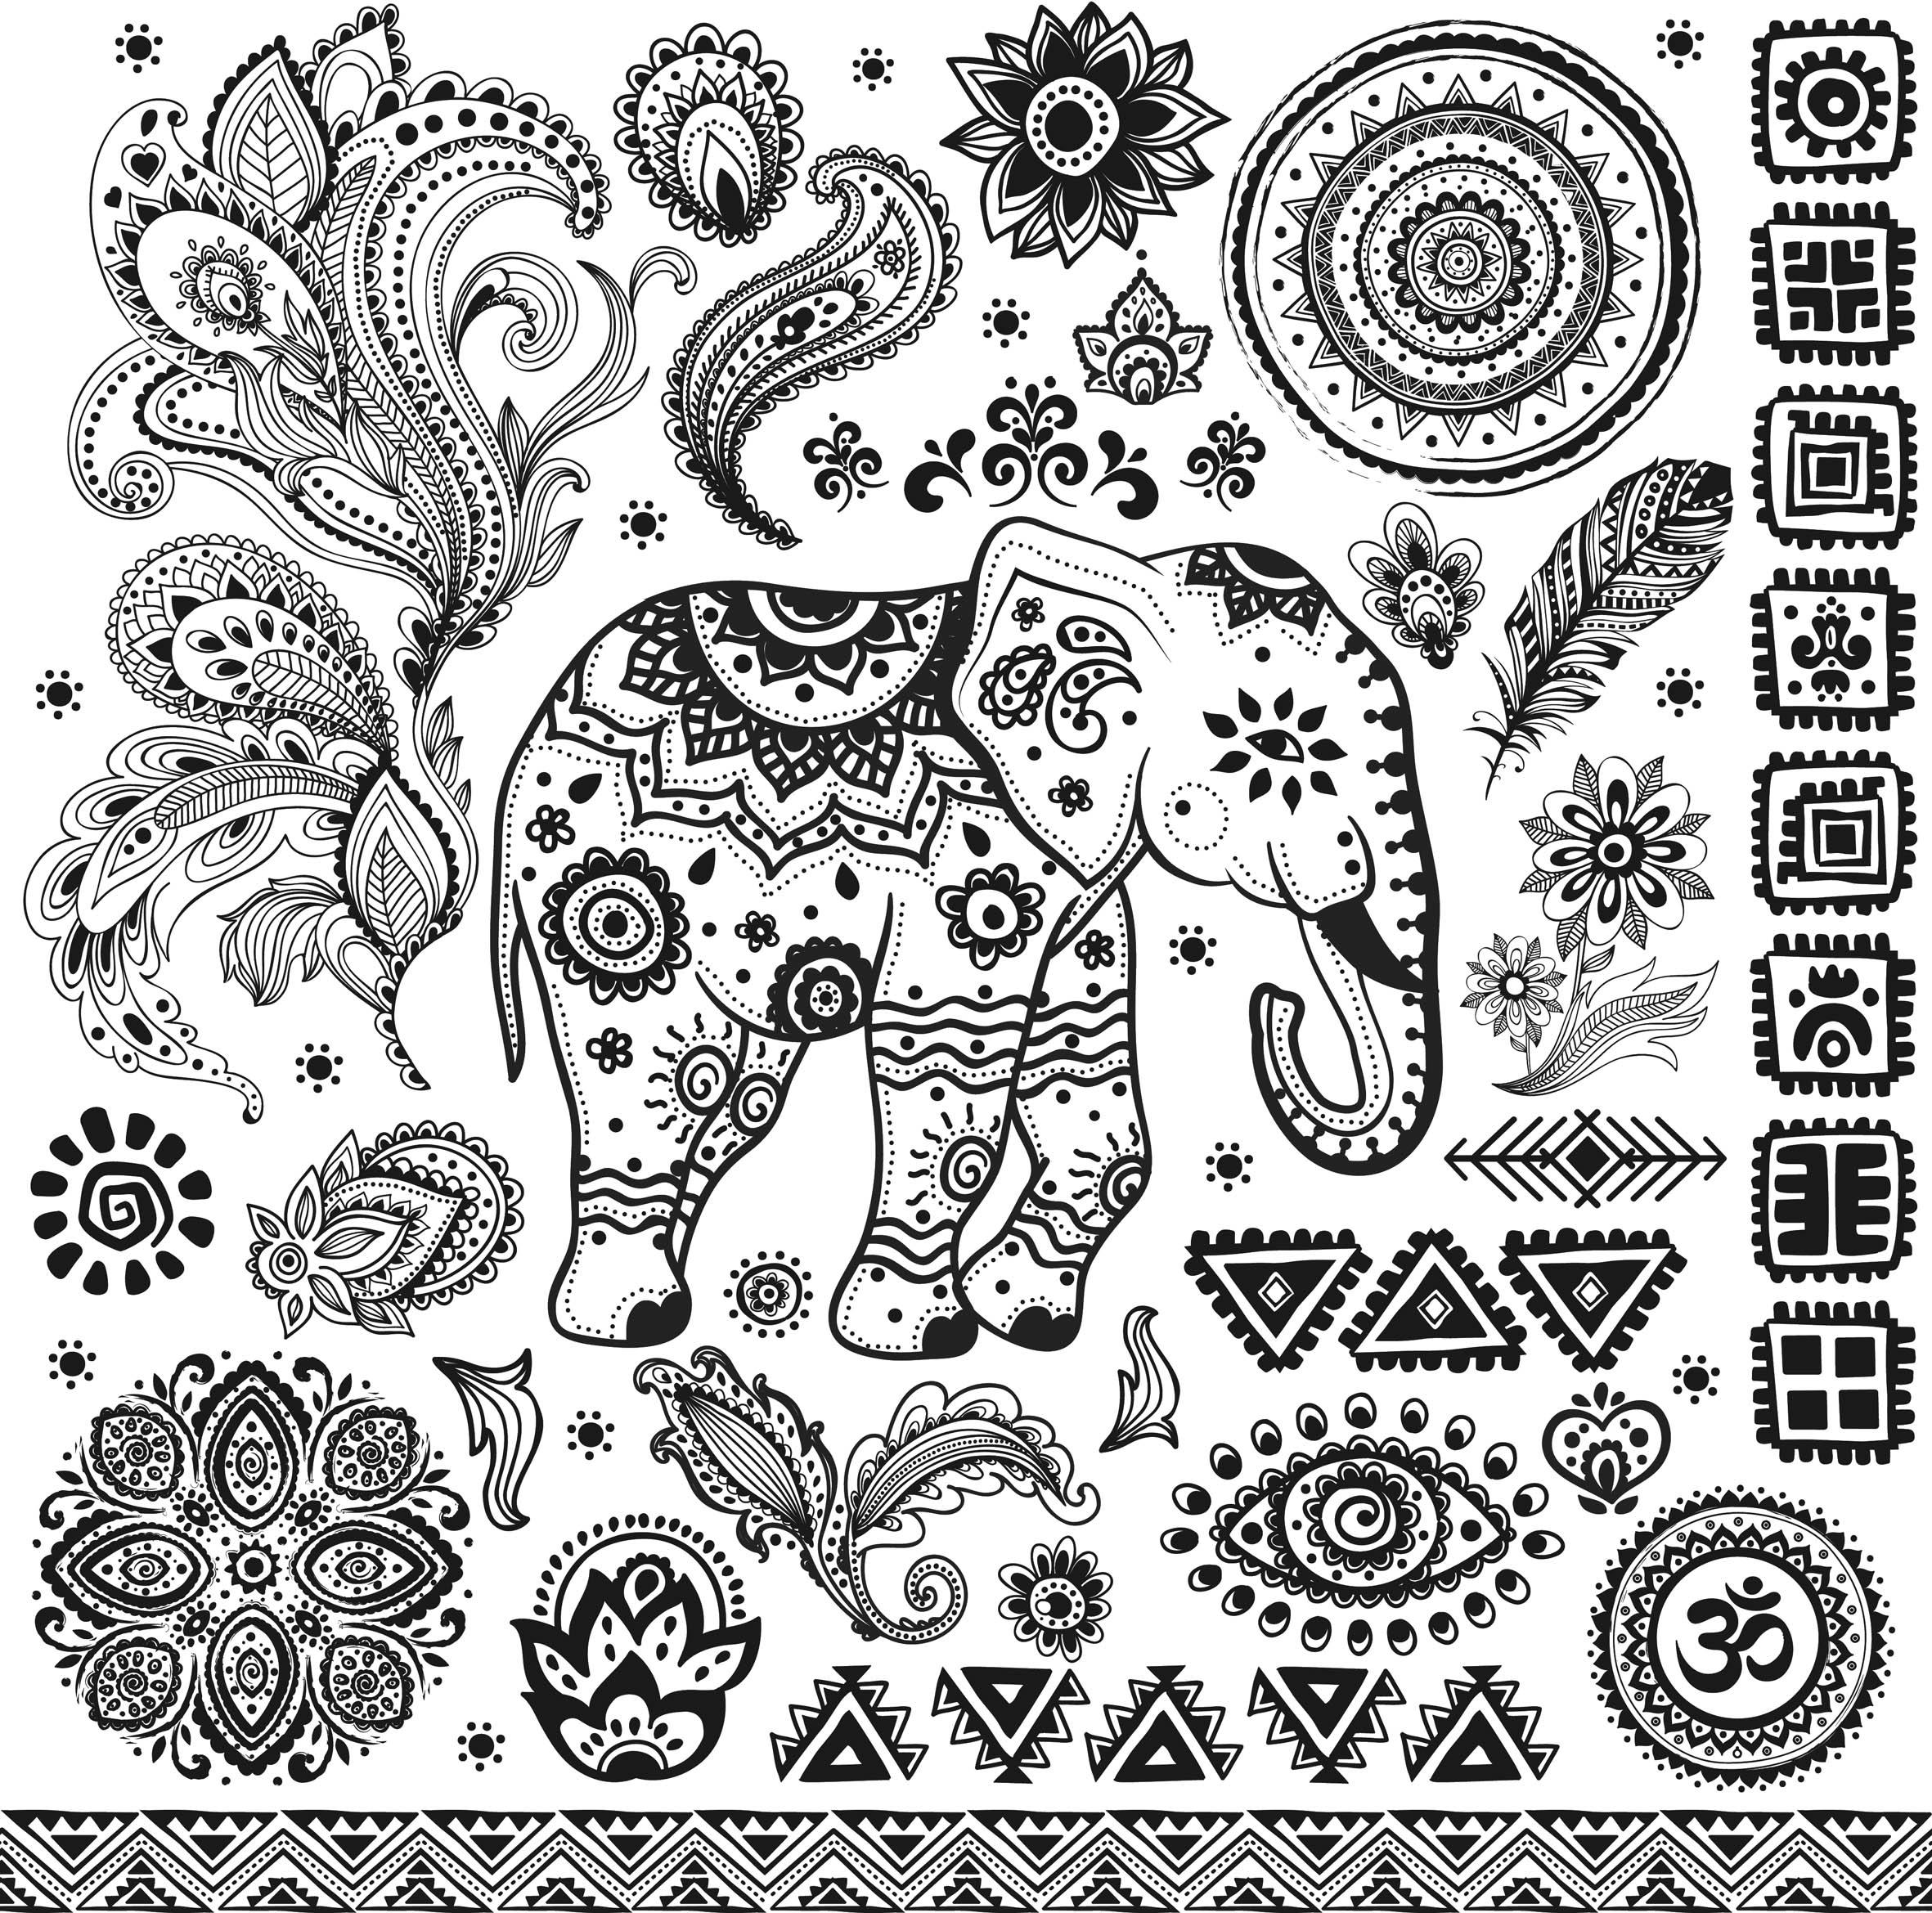 Coloriage Anti-stress #126821 (Relaxation) - Album de coloriages